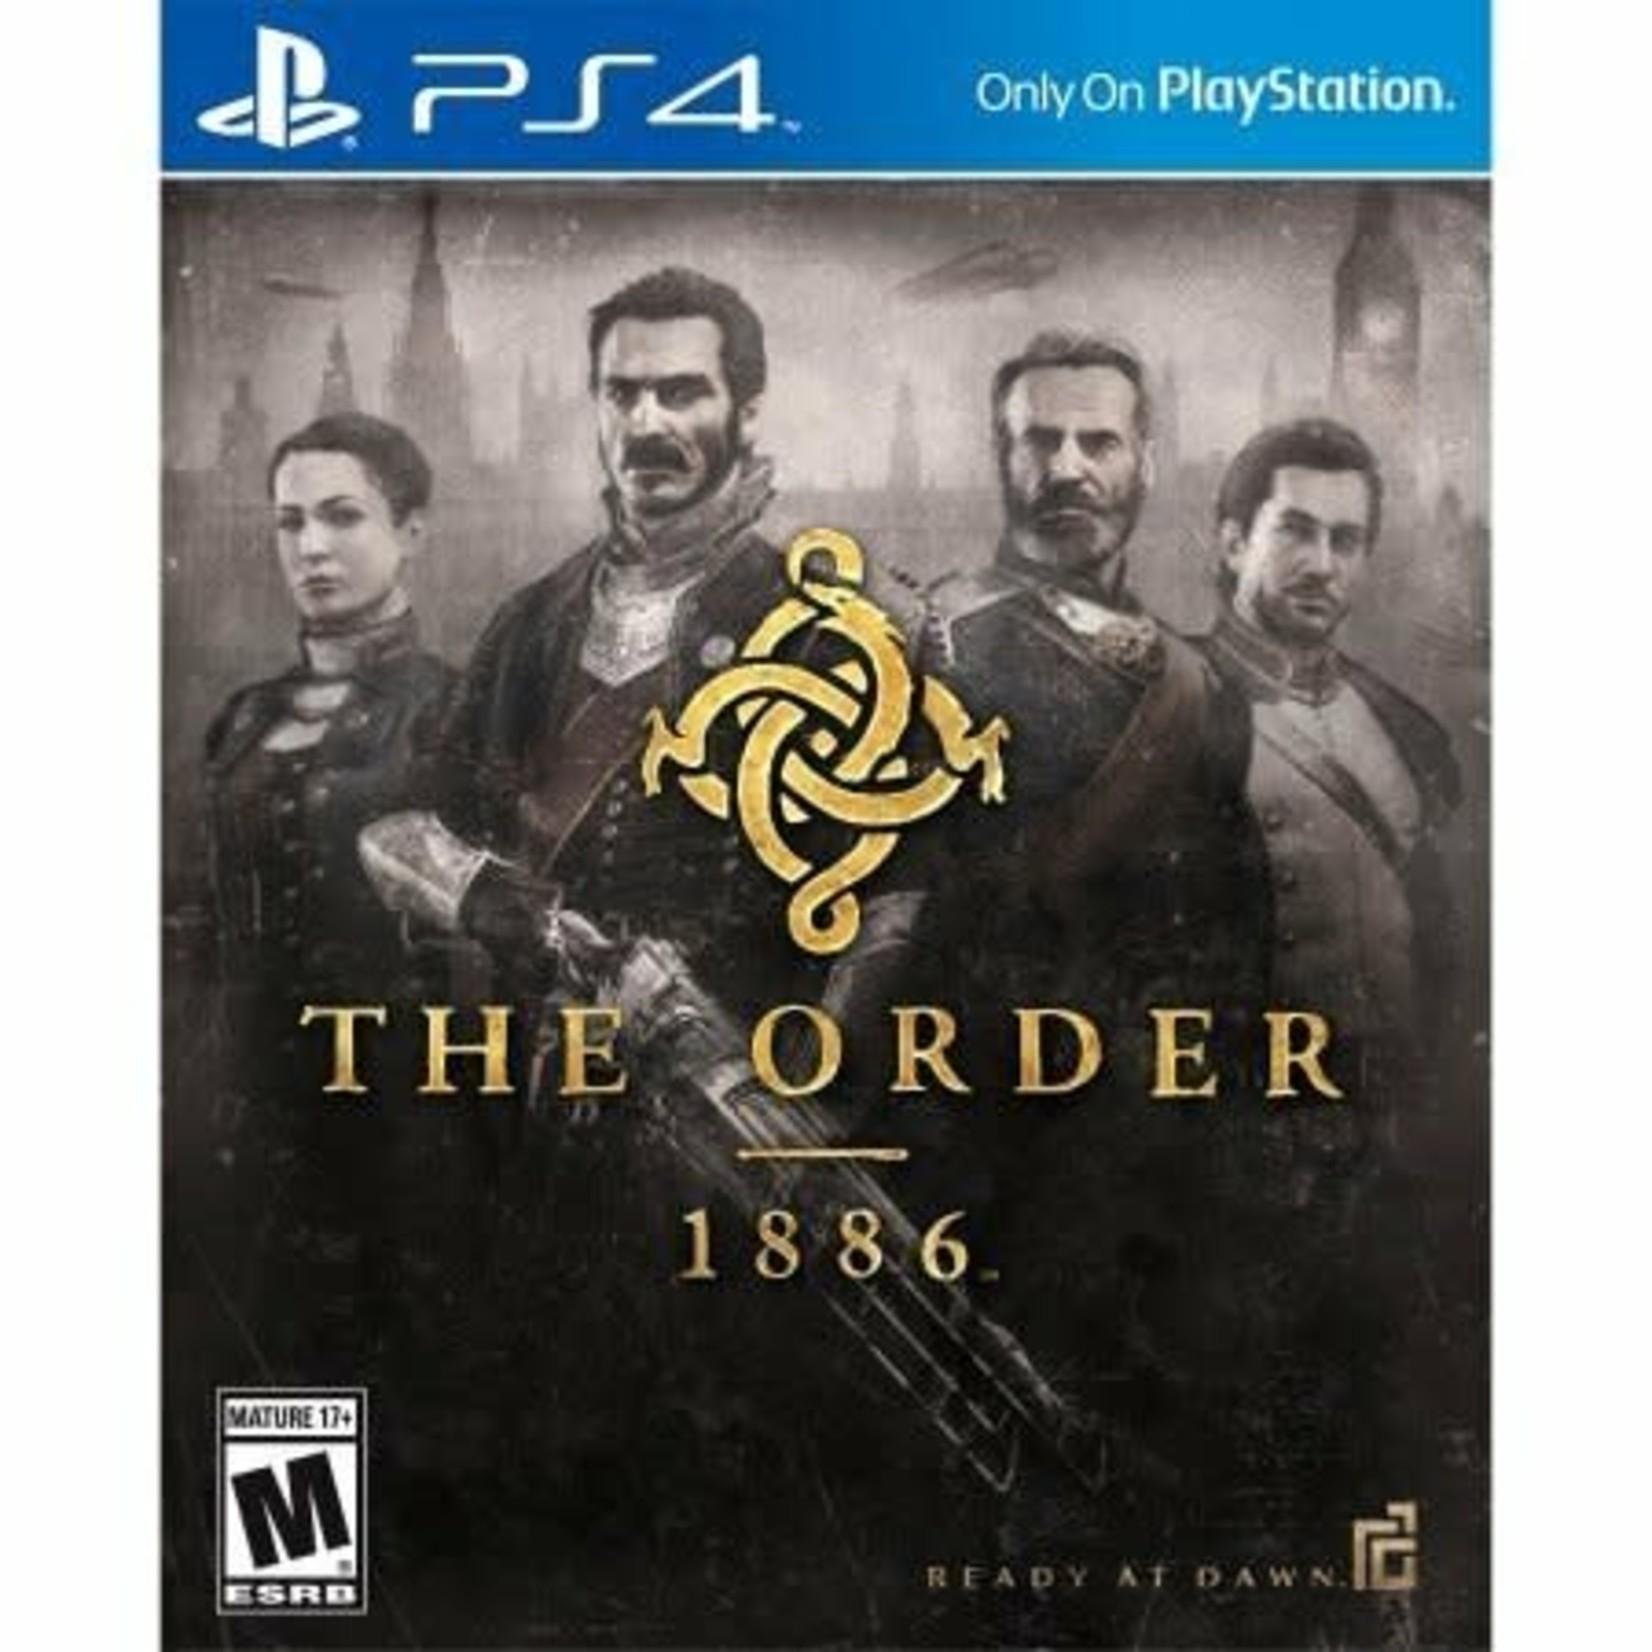 PS4U-The Order: 1886